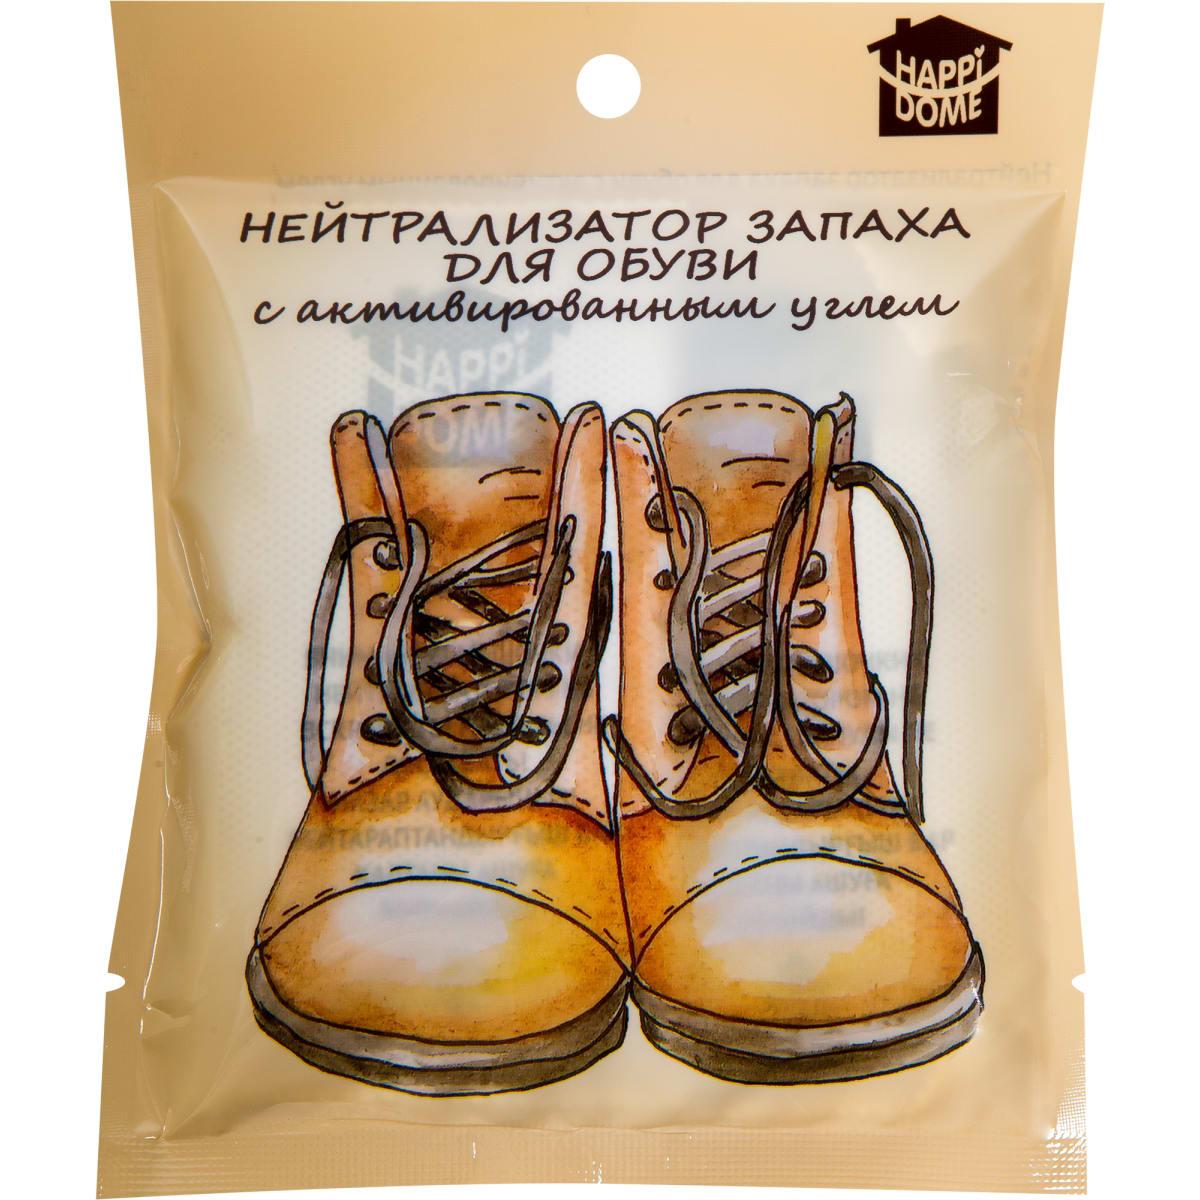 Нейтрализатор запаха для обуви, цвет бежевый